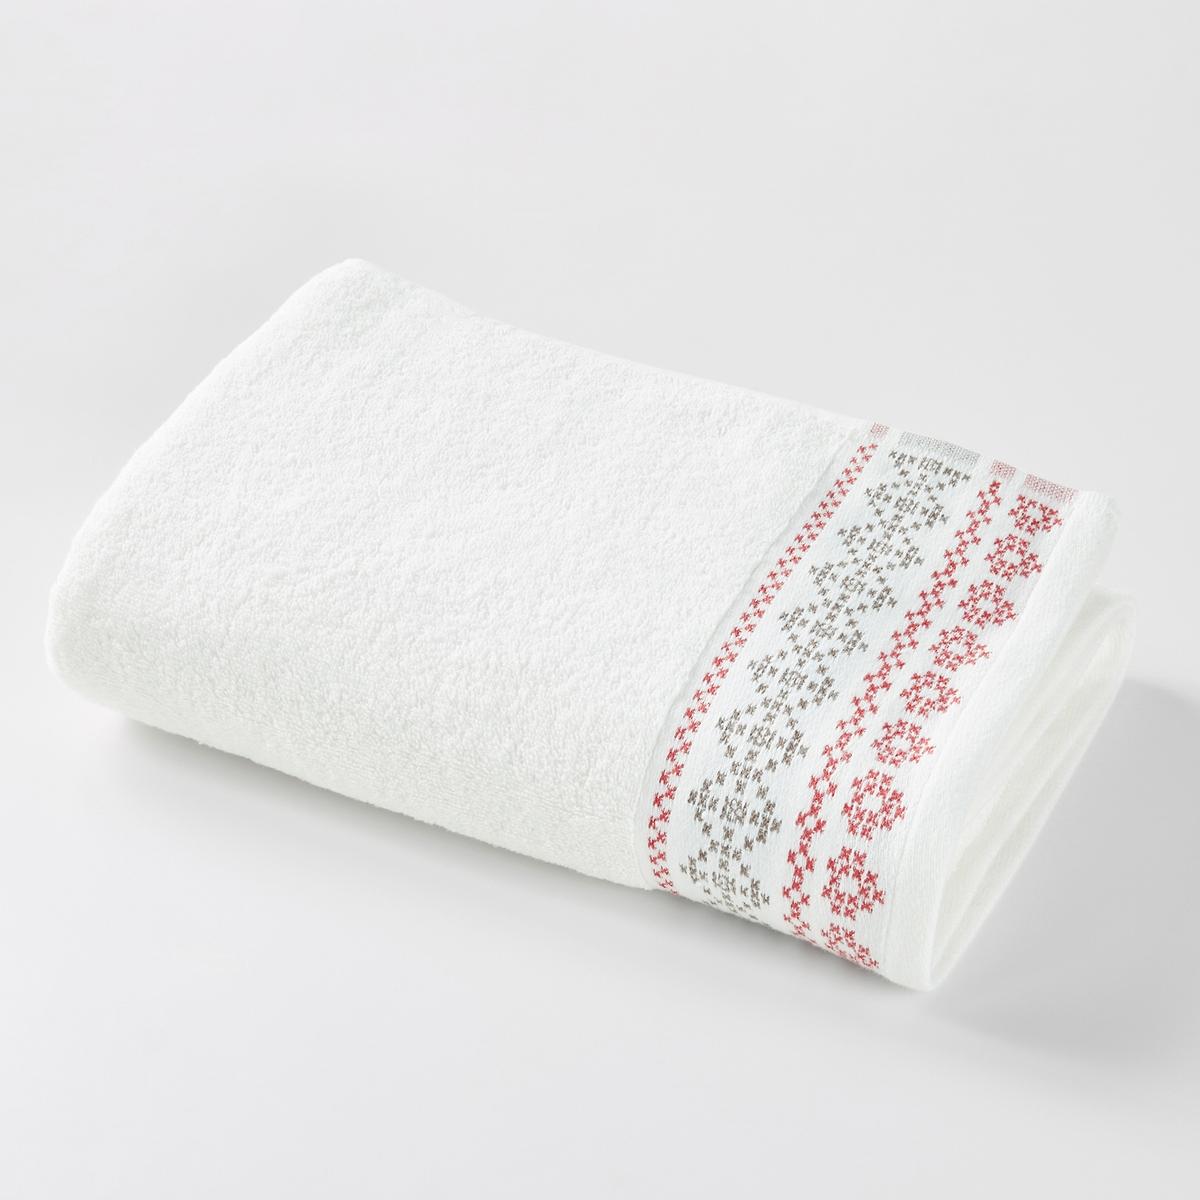 Полотенце банное большое CHALET, с традиционным жаккардовым рисунком по краю.Характеристики большого банного полотенца:Материал: махровая ткань, 100% хлопок, 430 г/м?.Уход : Машинная стирка при 60 °С.Отделка жаккардовым рисунком по краю.Размеры большого банного полотенца:100 x 150 см.<br><br>Цвет: белый<br>Размер: 100 x 150 cm